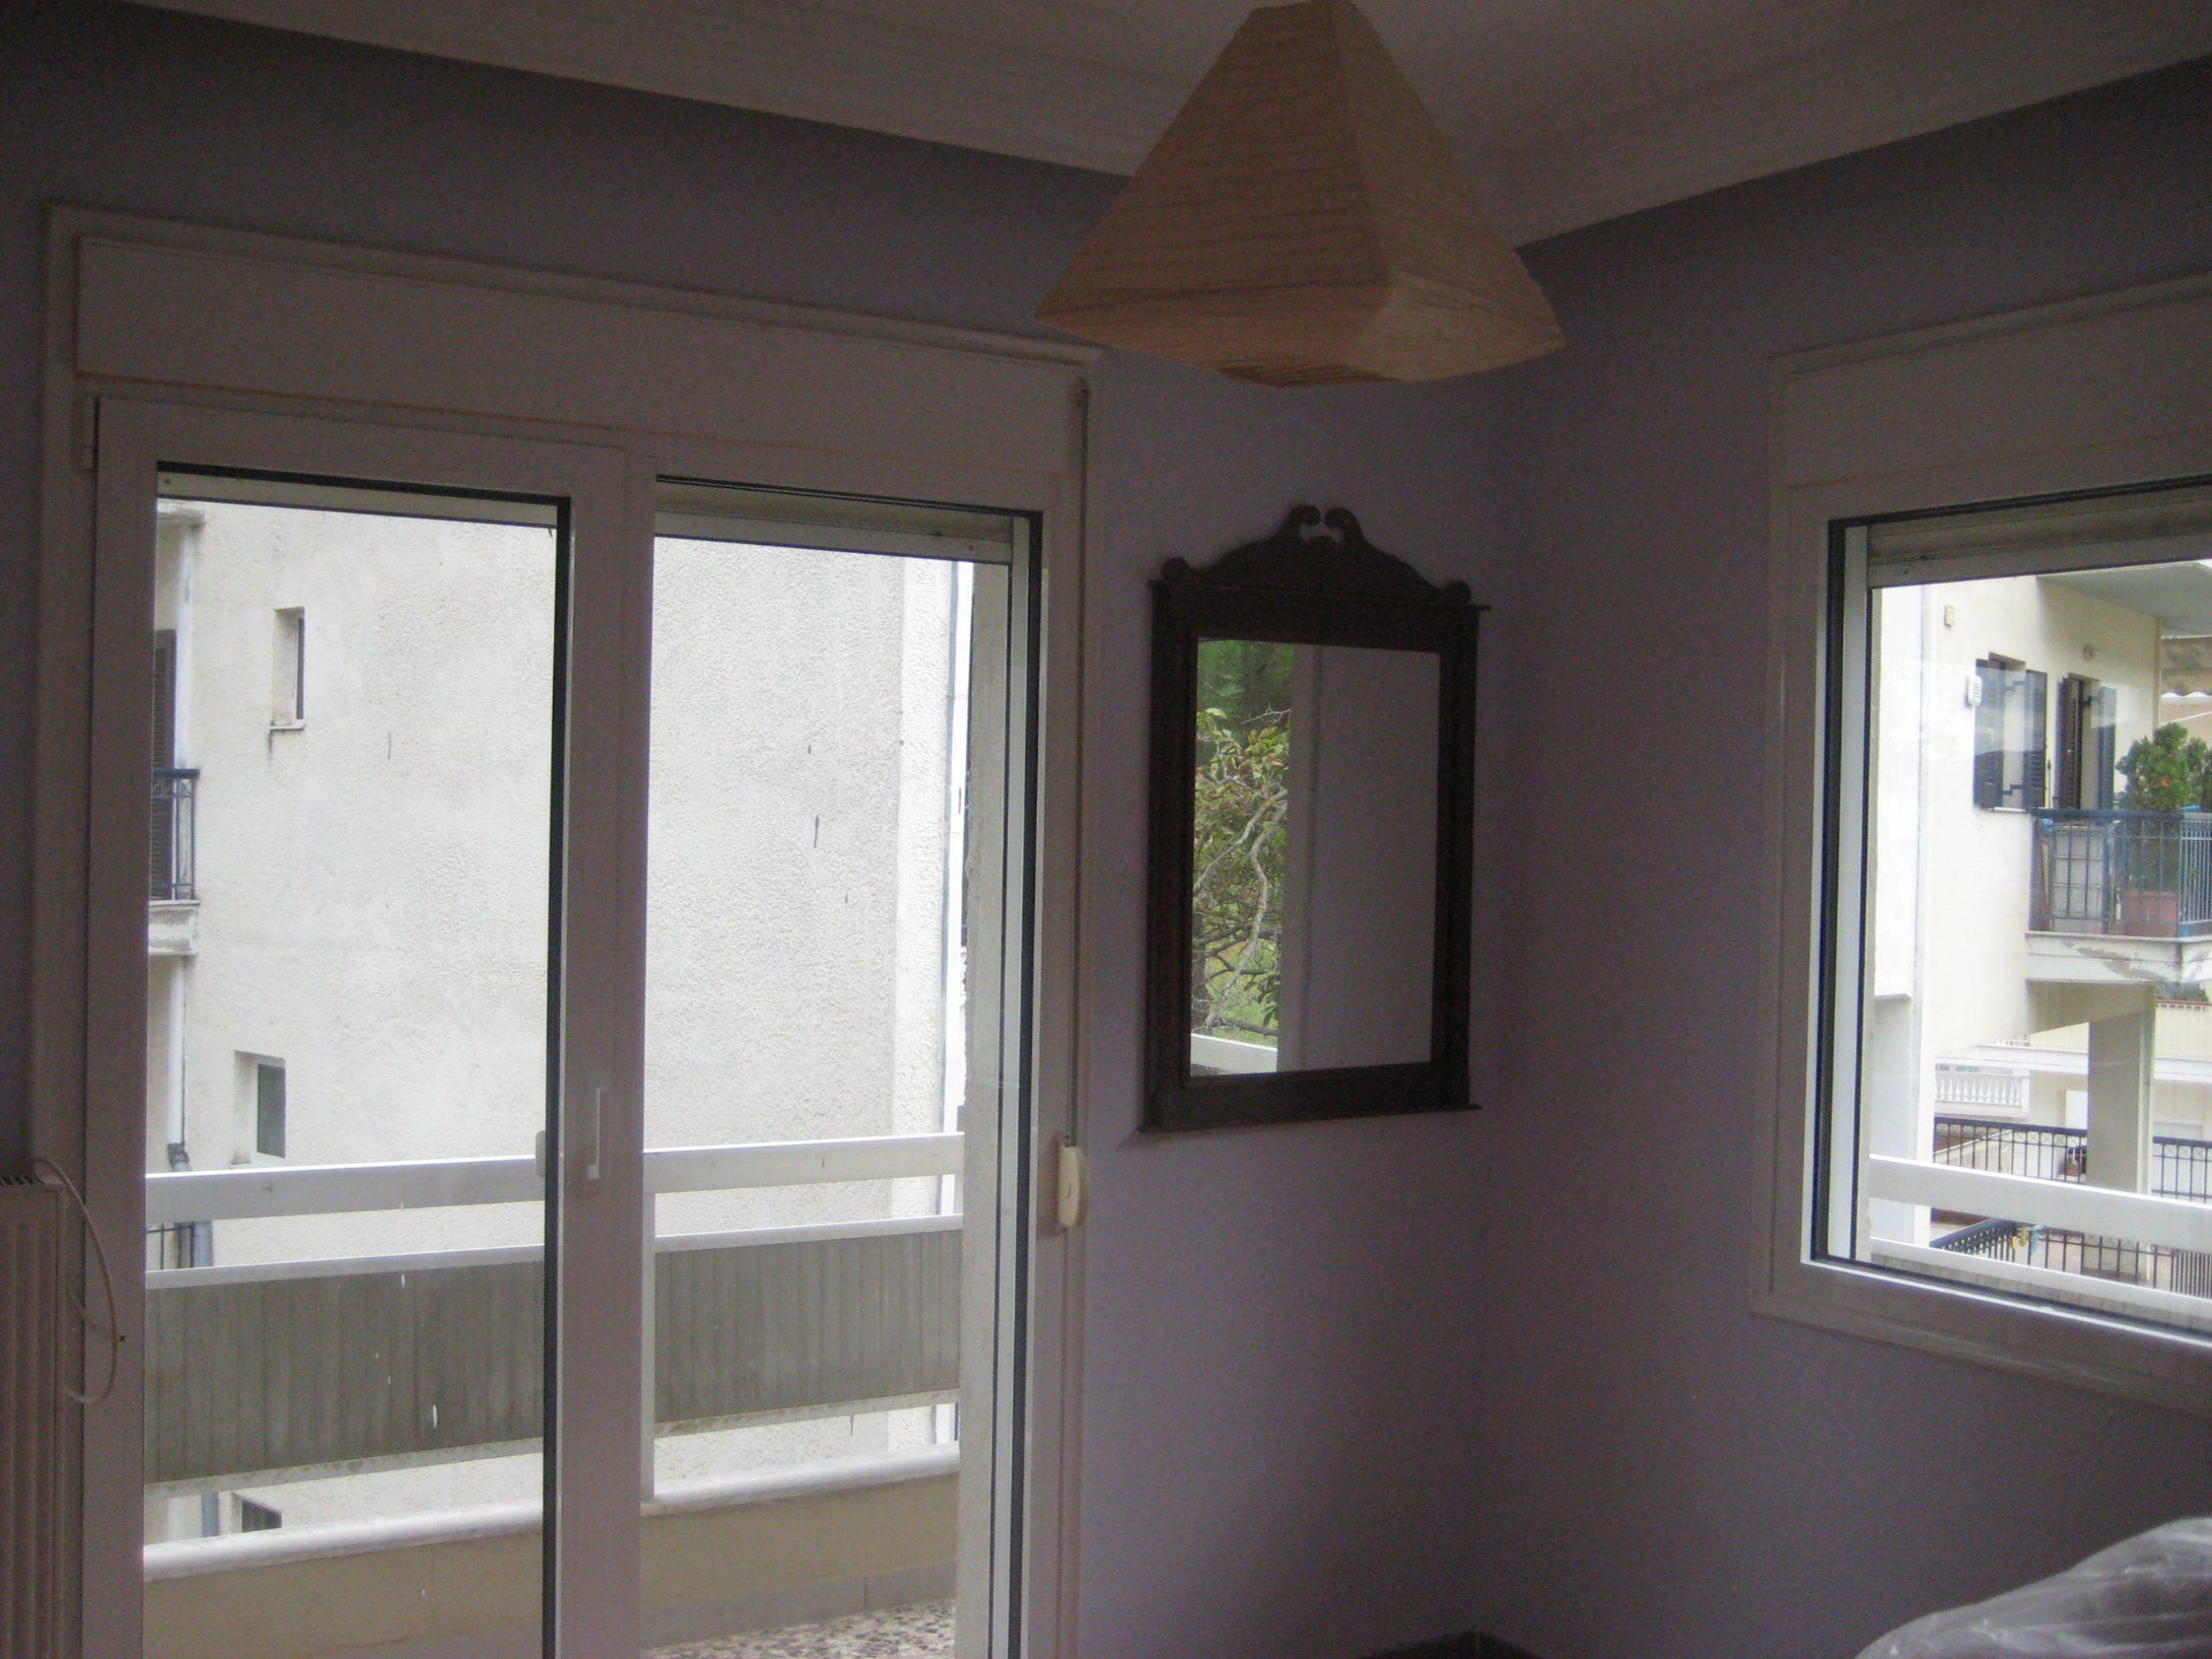 Ενοικιάζεται διαμέρισμα 55 μ2 στην Καστοριά